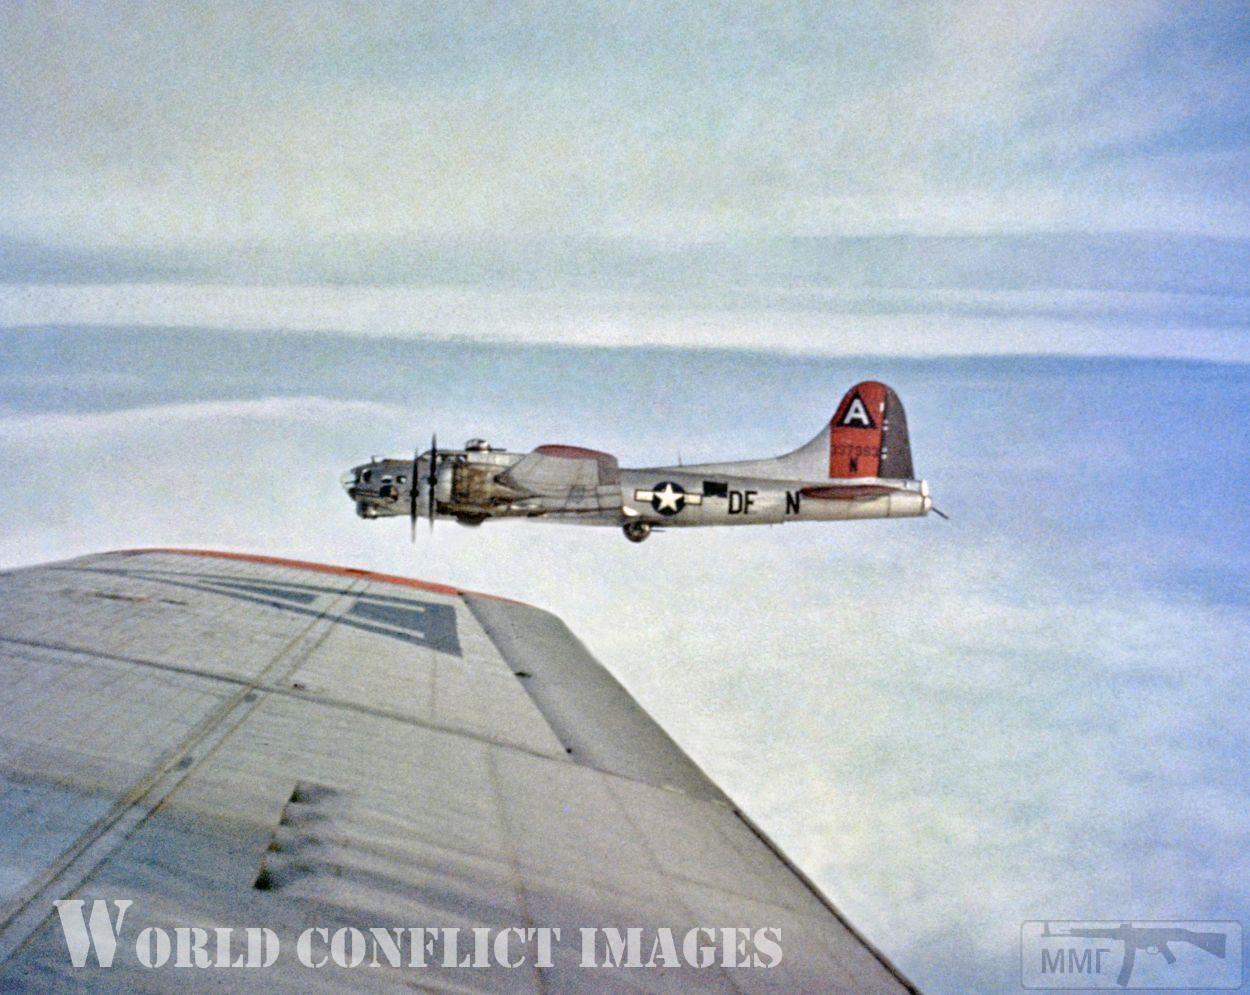 29333 - Стратегические бомбардировки Германии и Японии